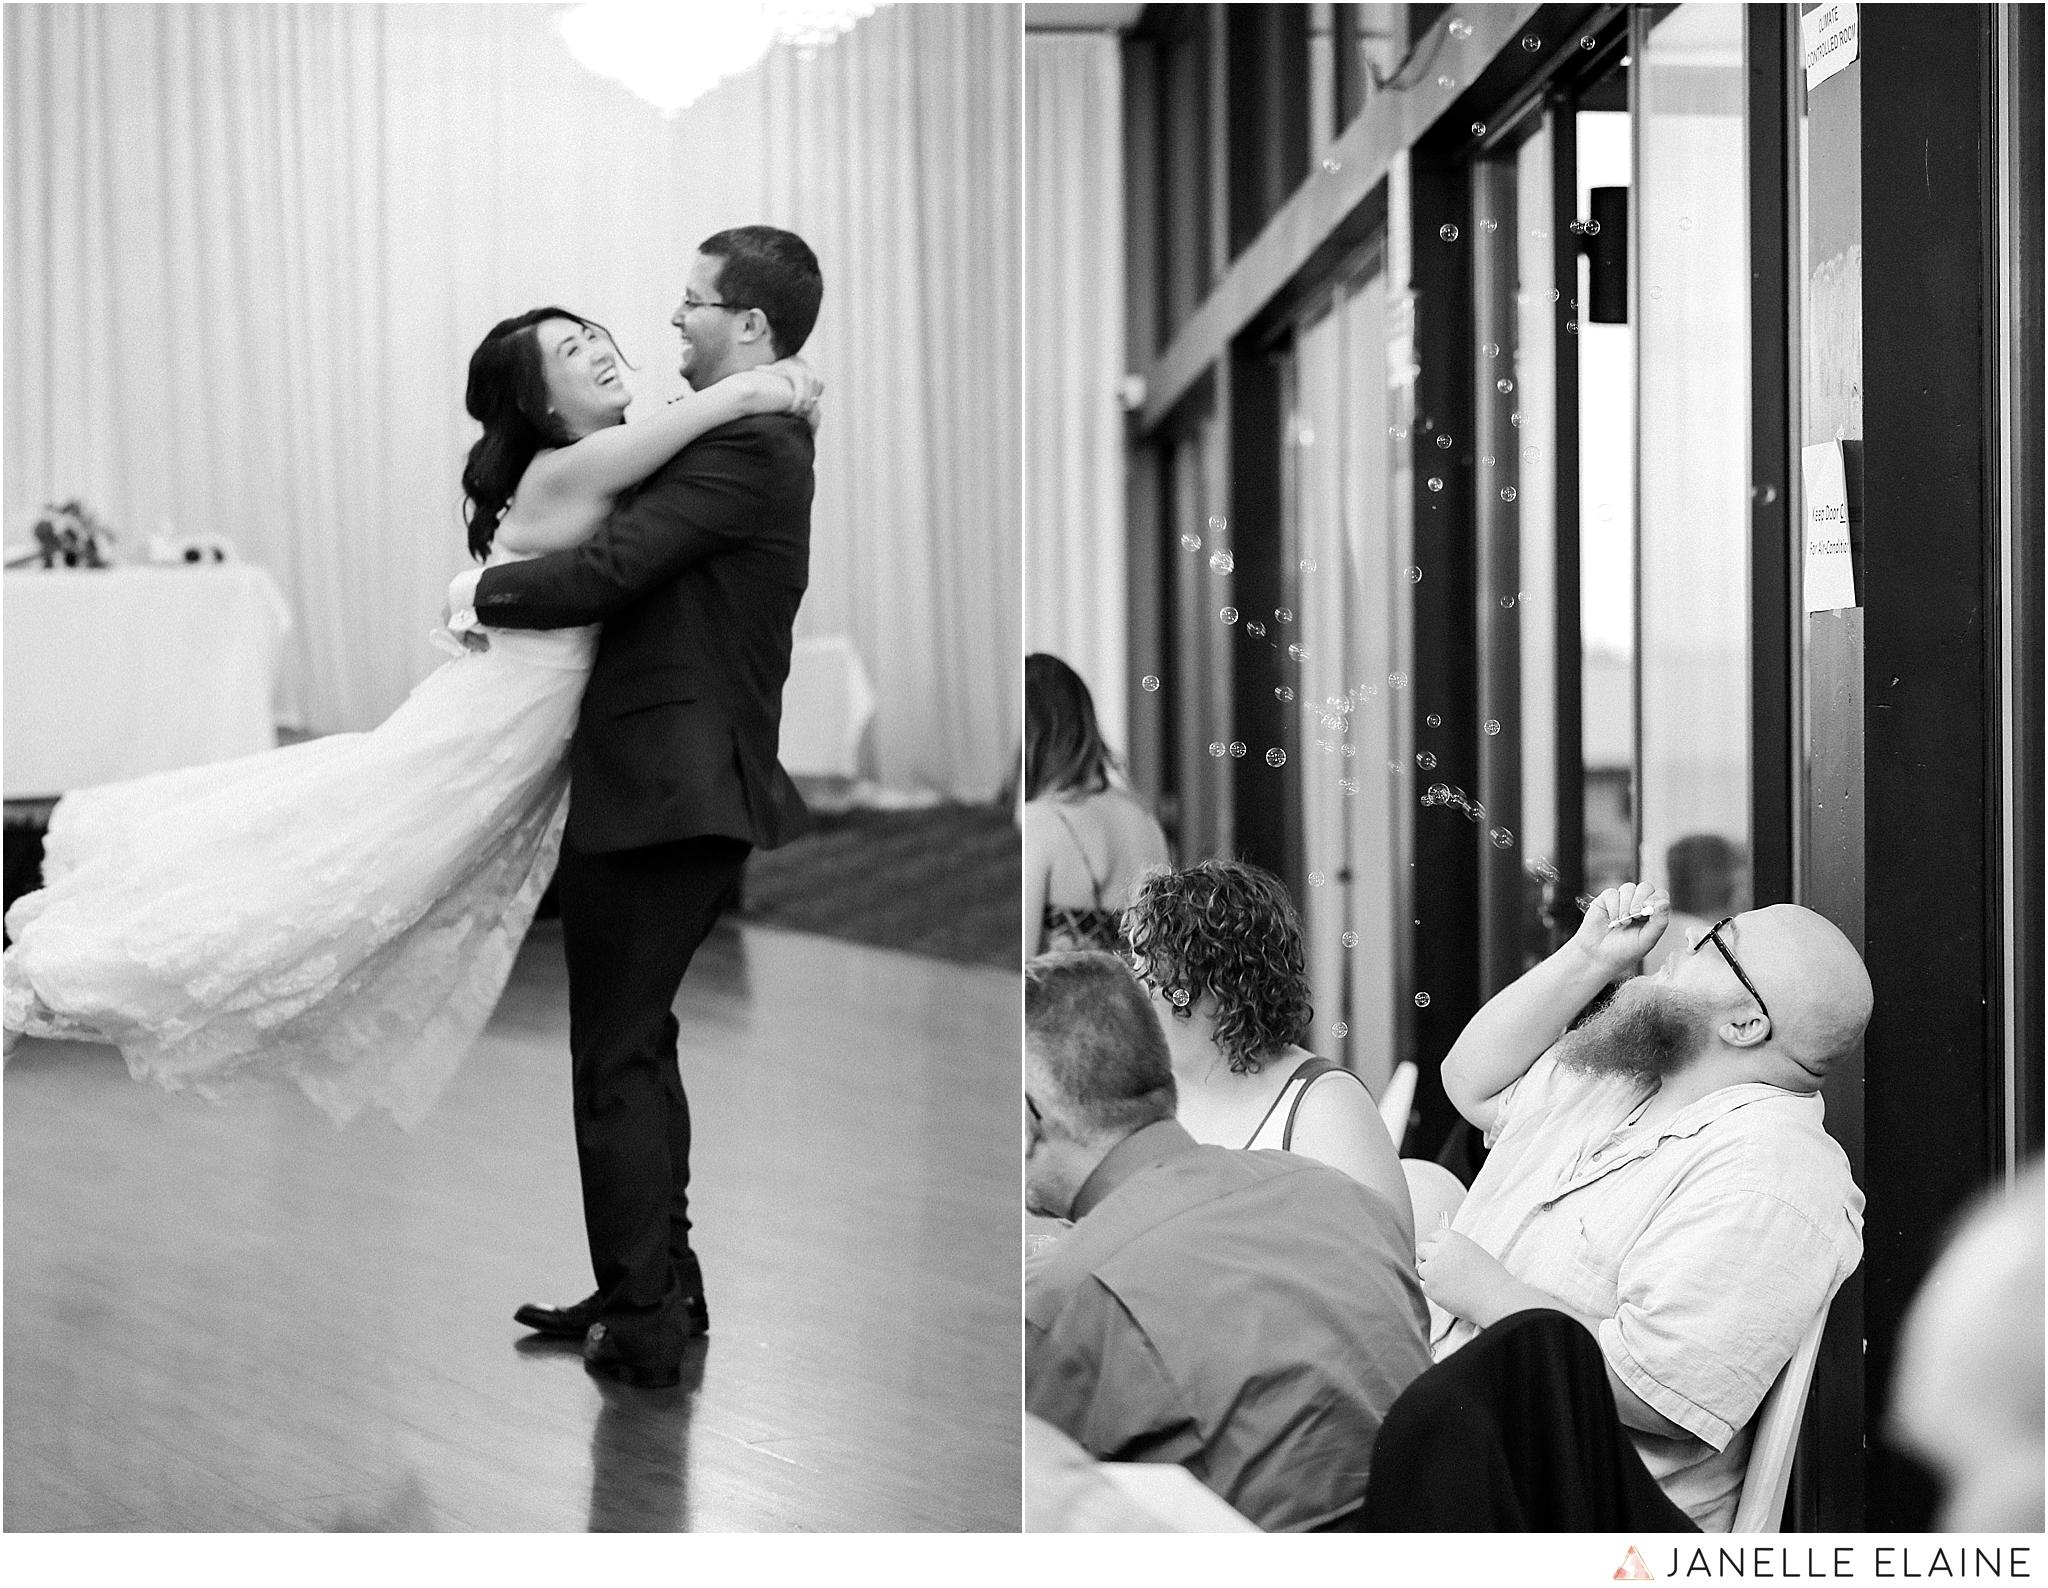 janelle elaine photography-professional wedding photographer seattle--179.jpg